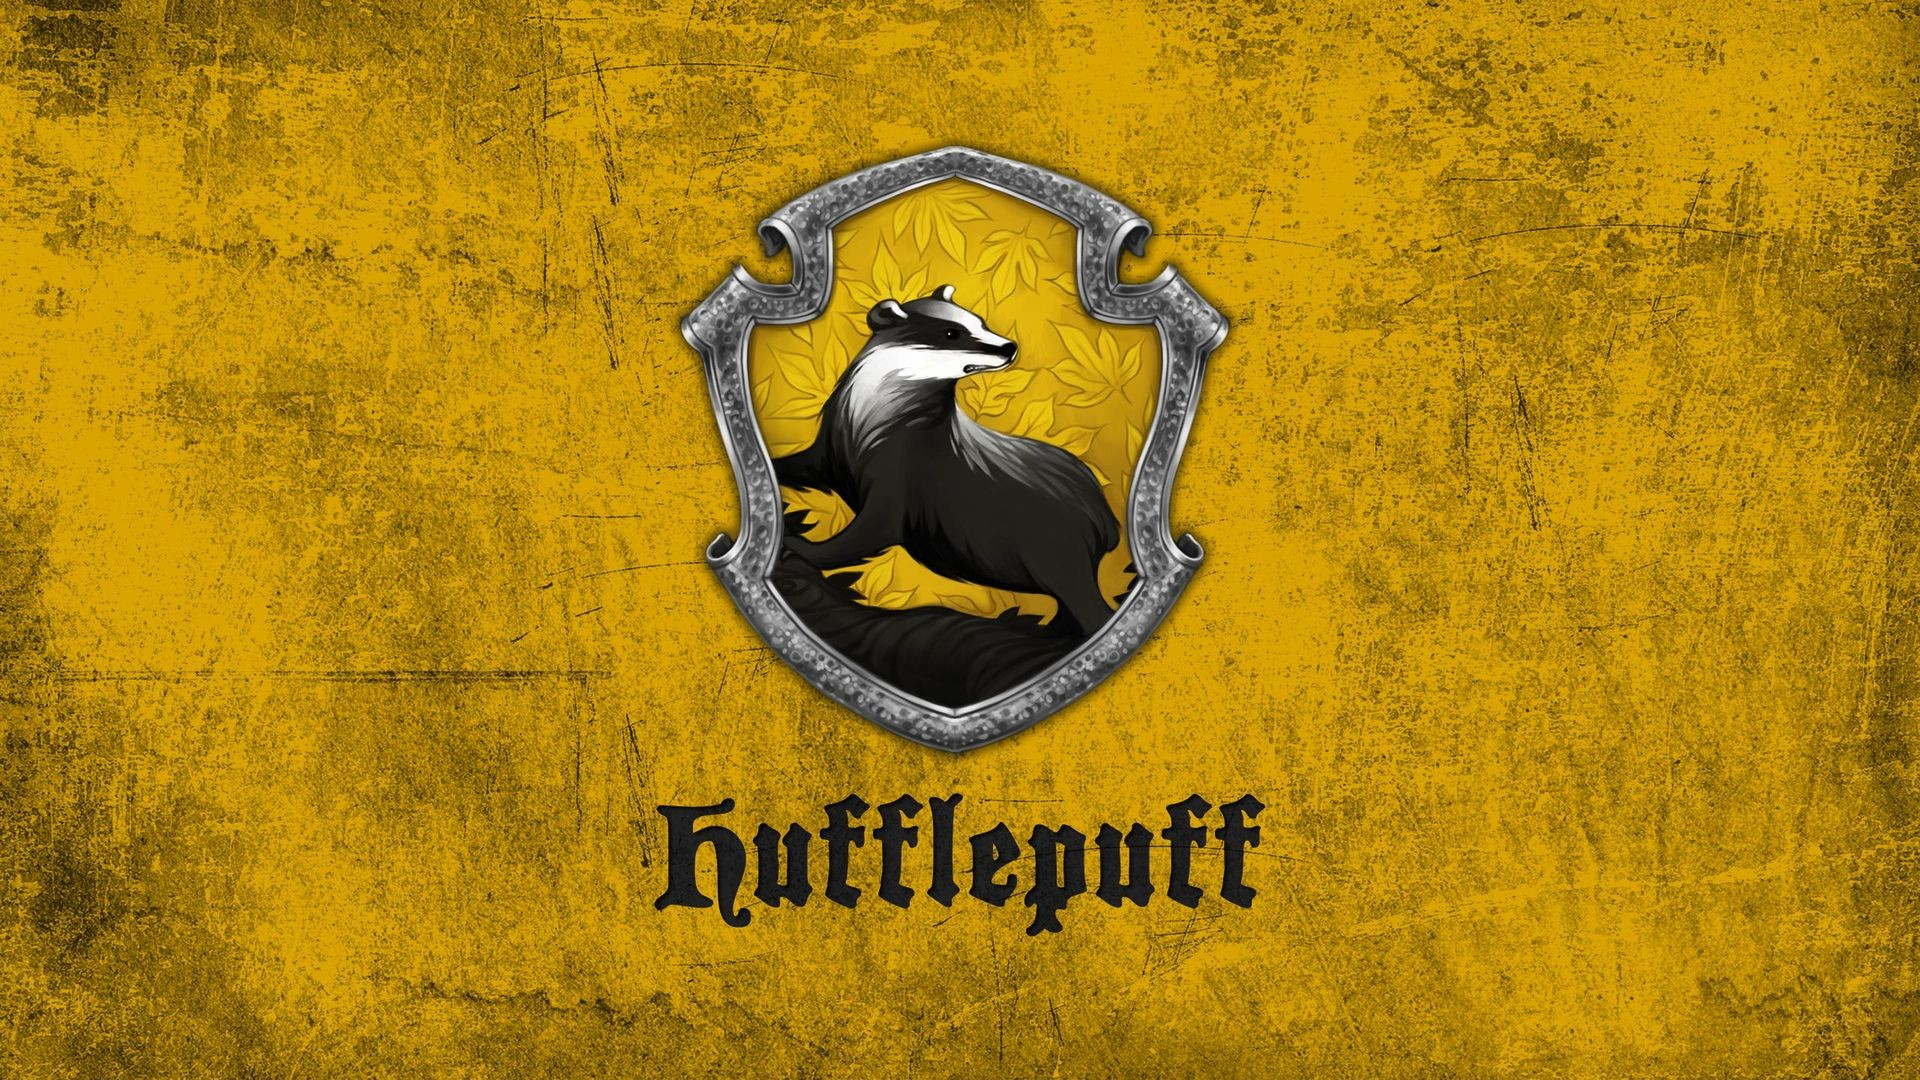 Hufflepuff Wallpapers ·① WallpaperTag